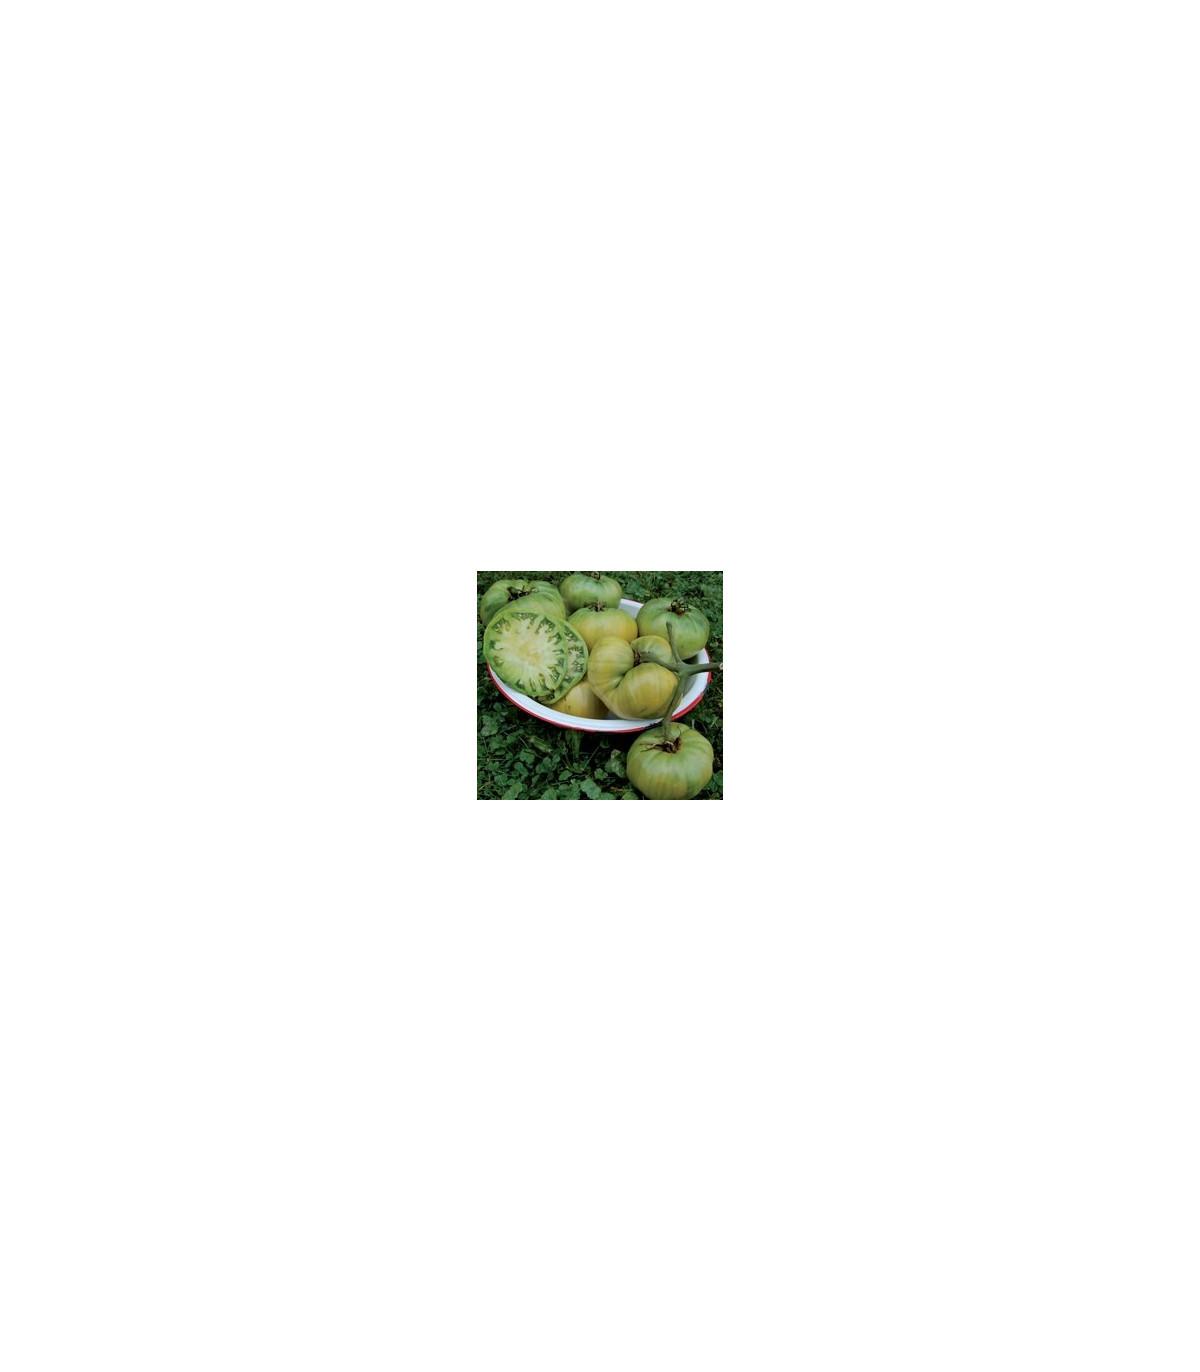 Paradajka- Teta- semiačká rajčiaku- 6 ks